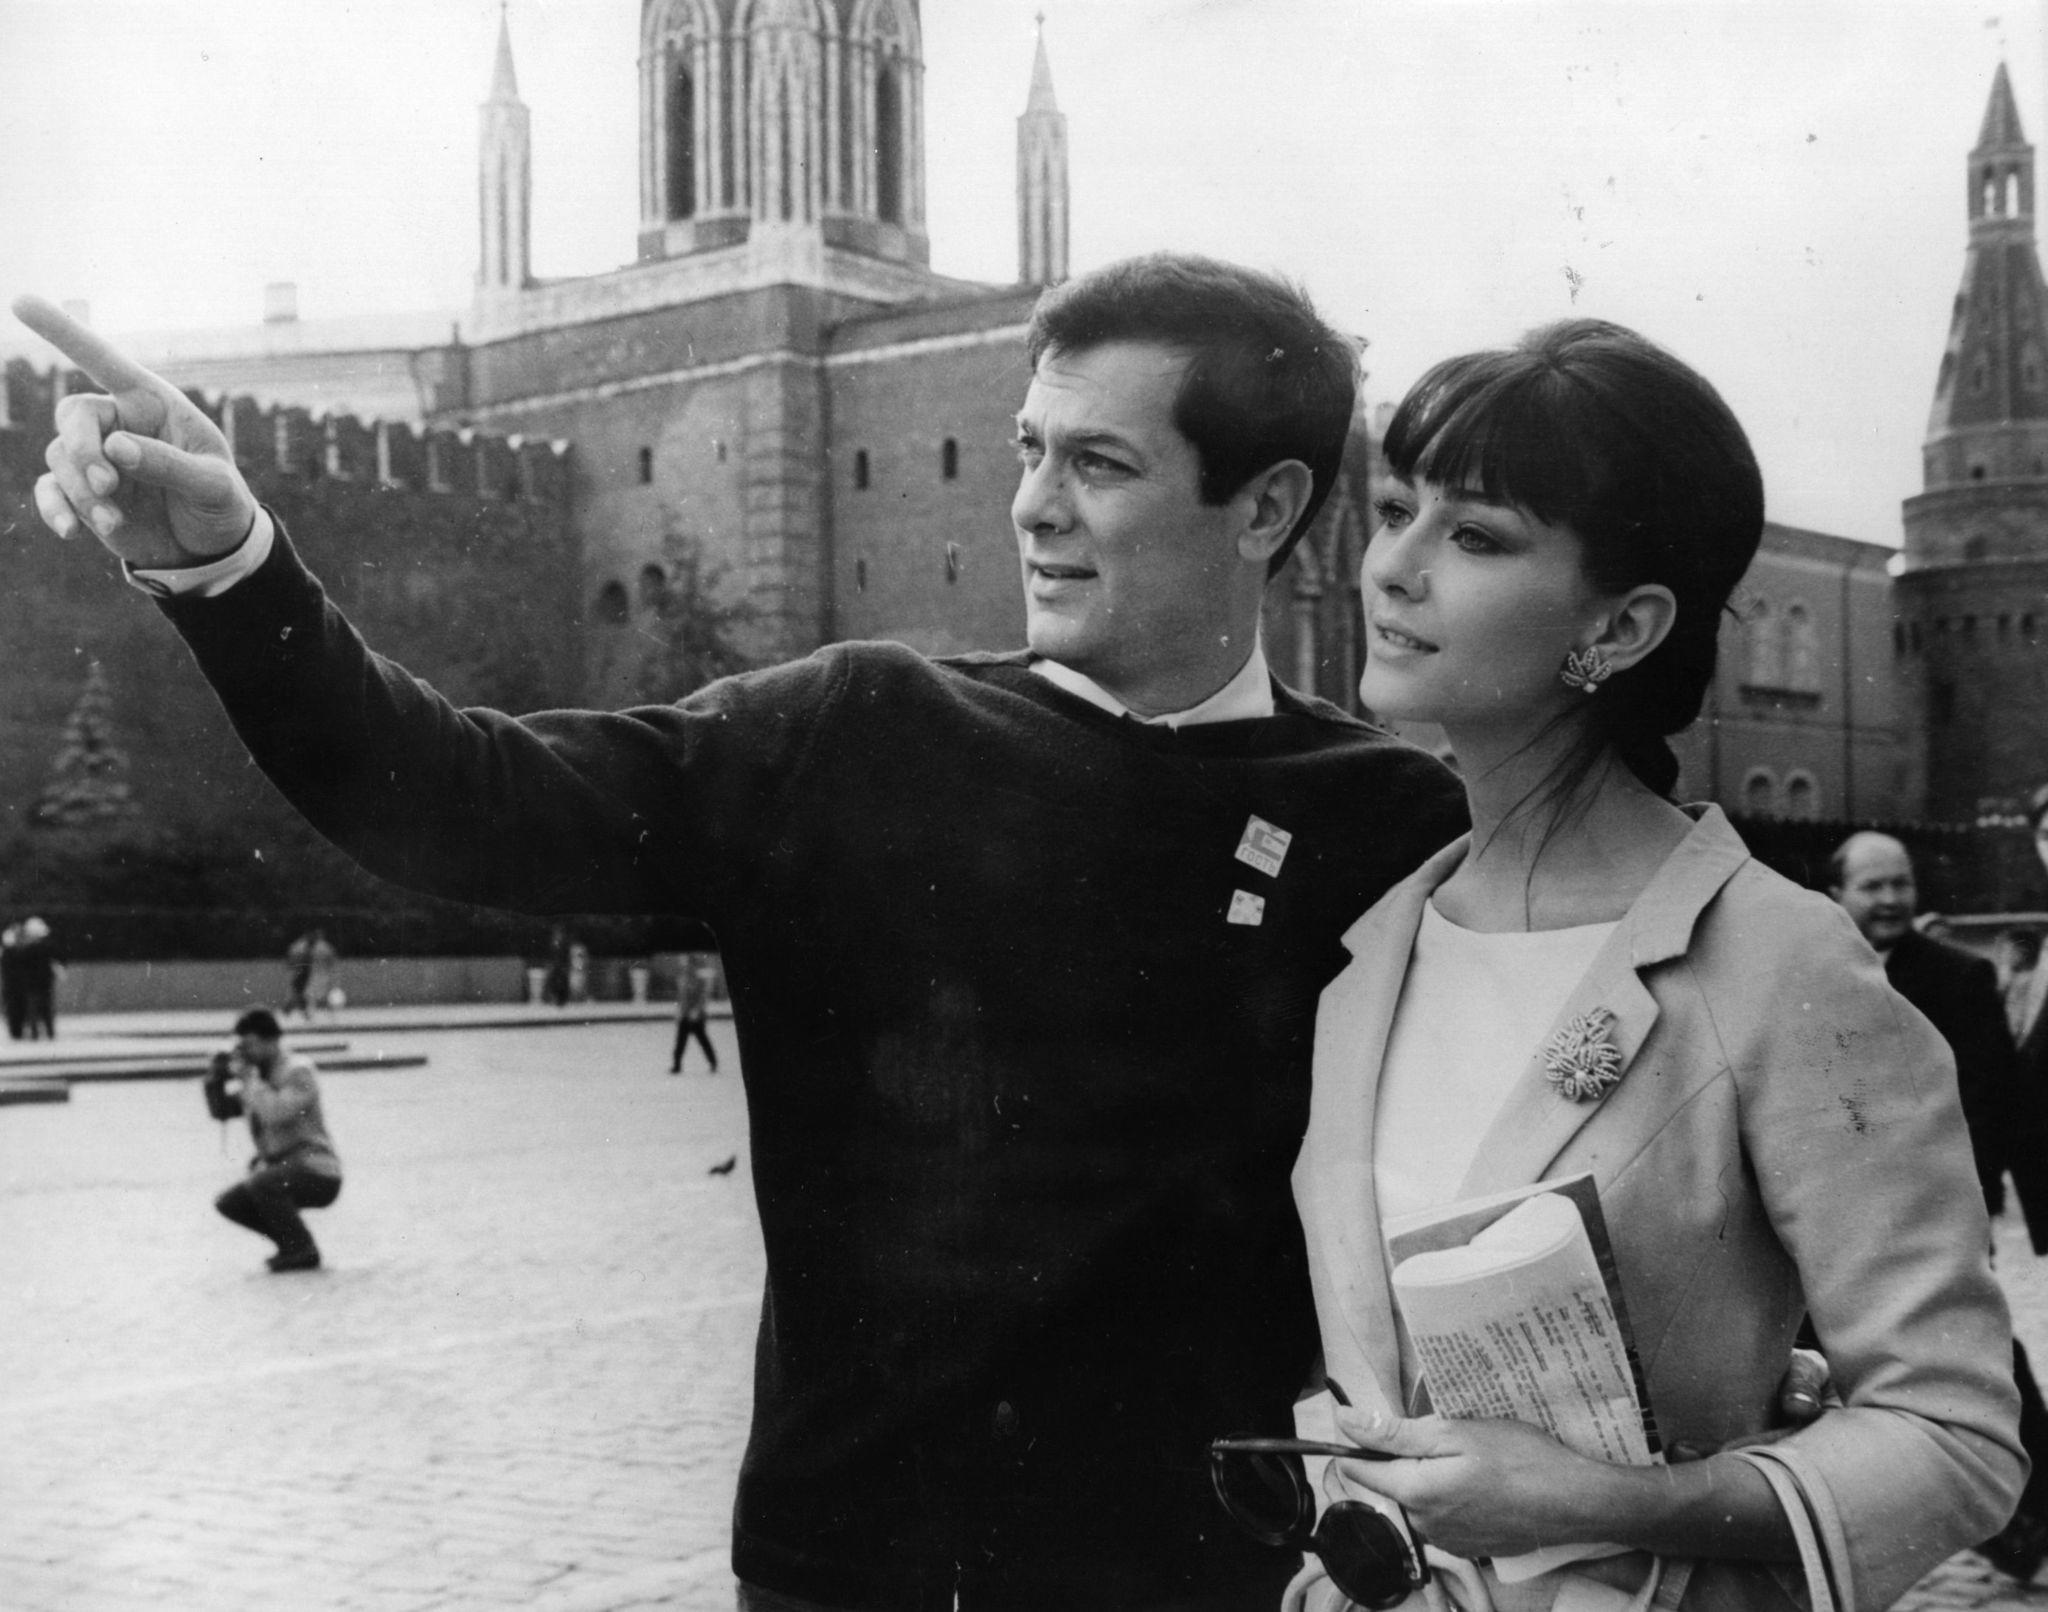 1963. Тони Кертис показывает достопримечательности Красной площади своей жене, Кристин Кауфманн. Они приехали в Москву на в 3-й Международный кинофес…